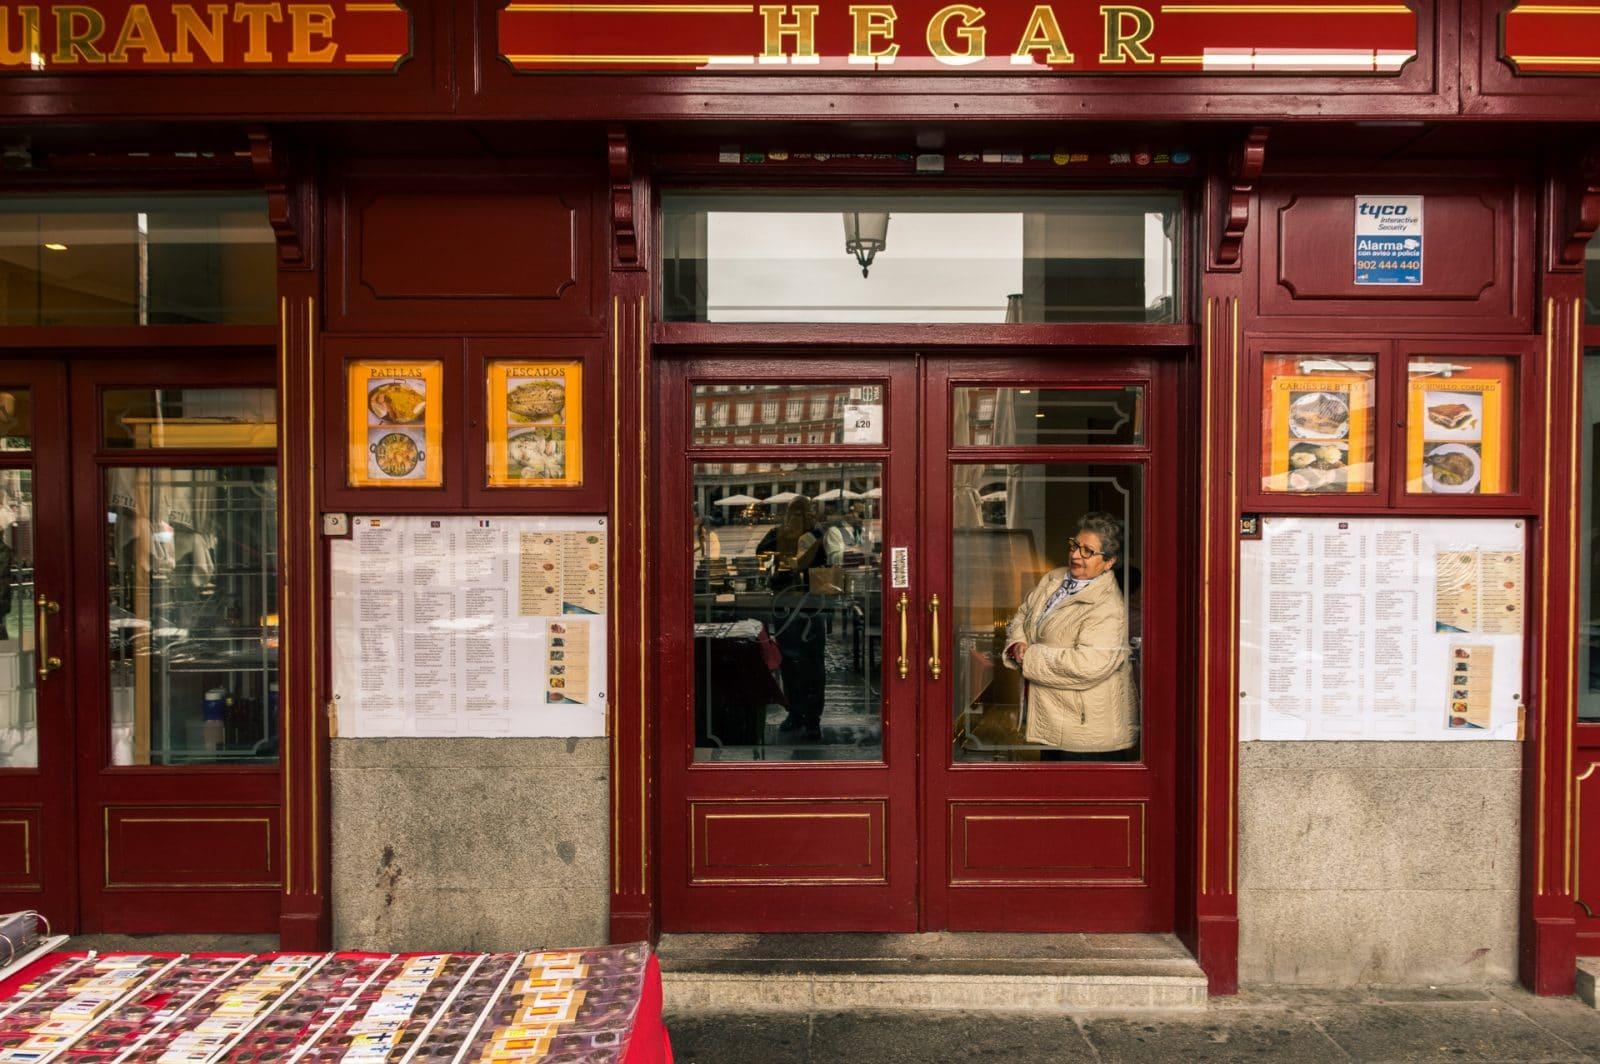 Los Madrileños woman peeking through a restaurant's door